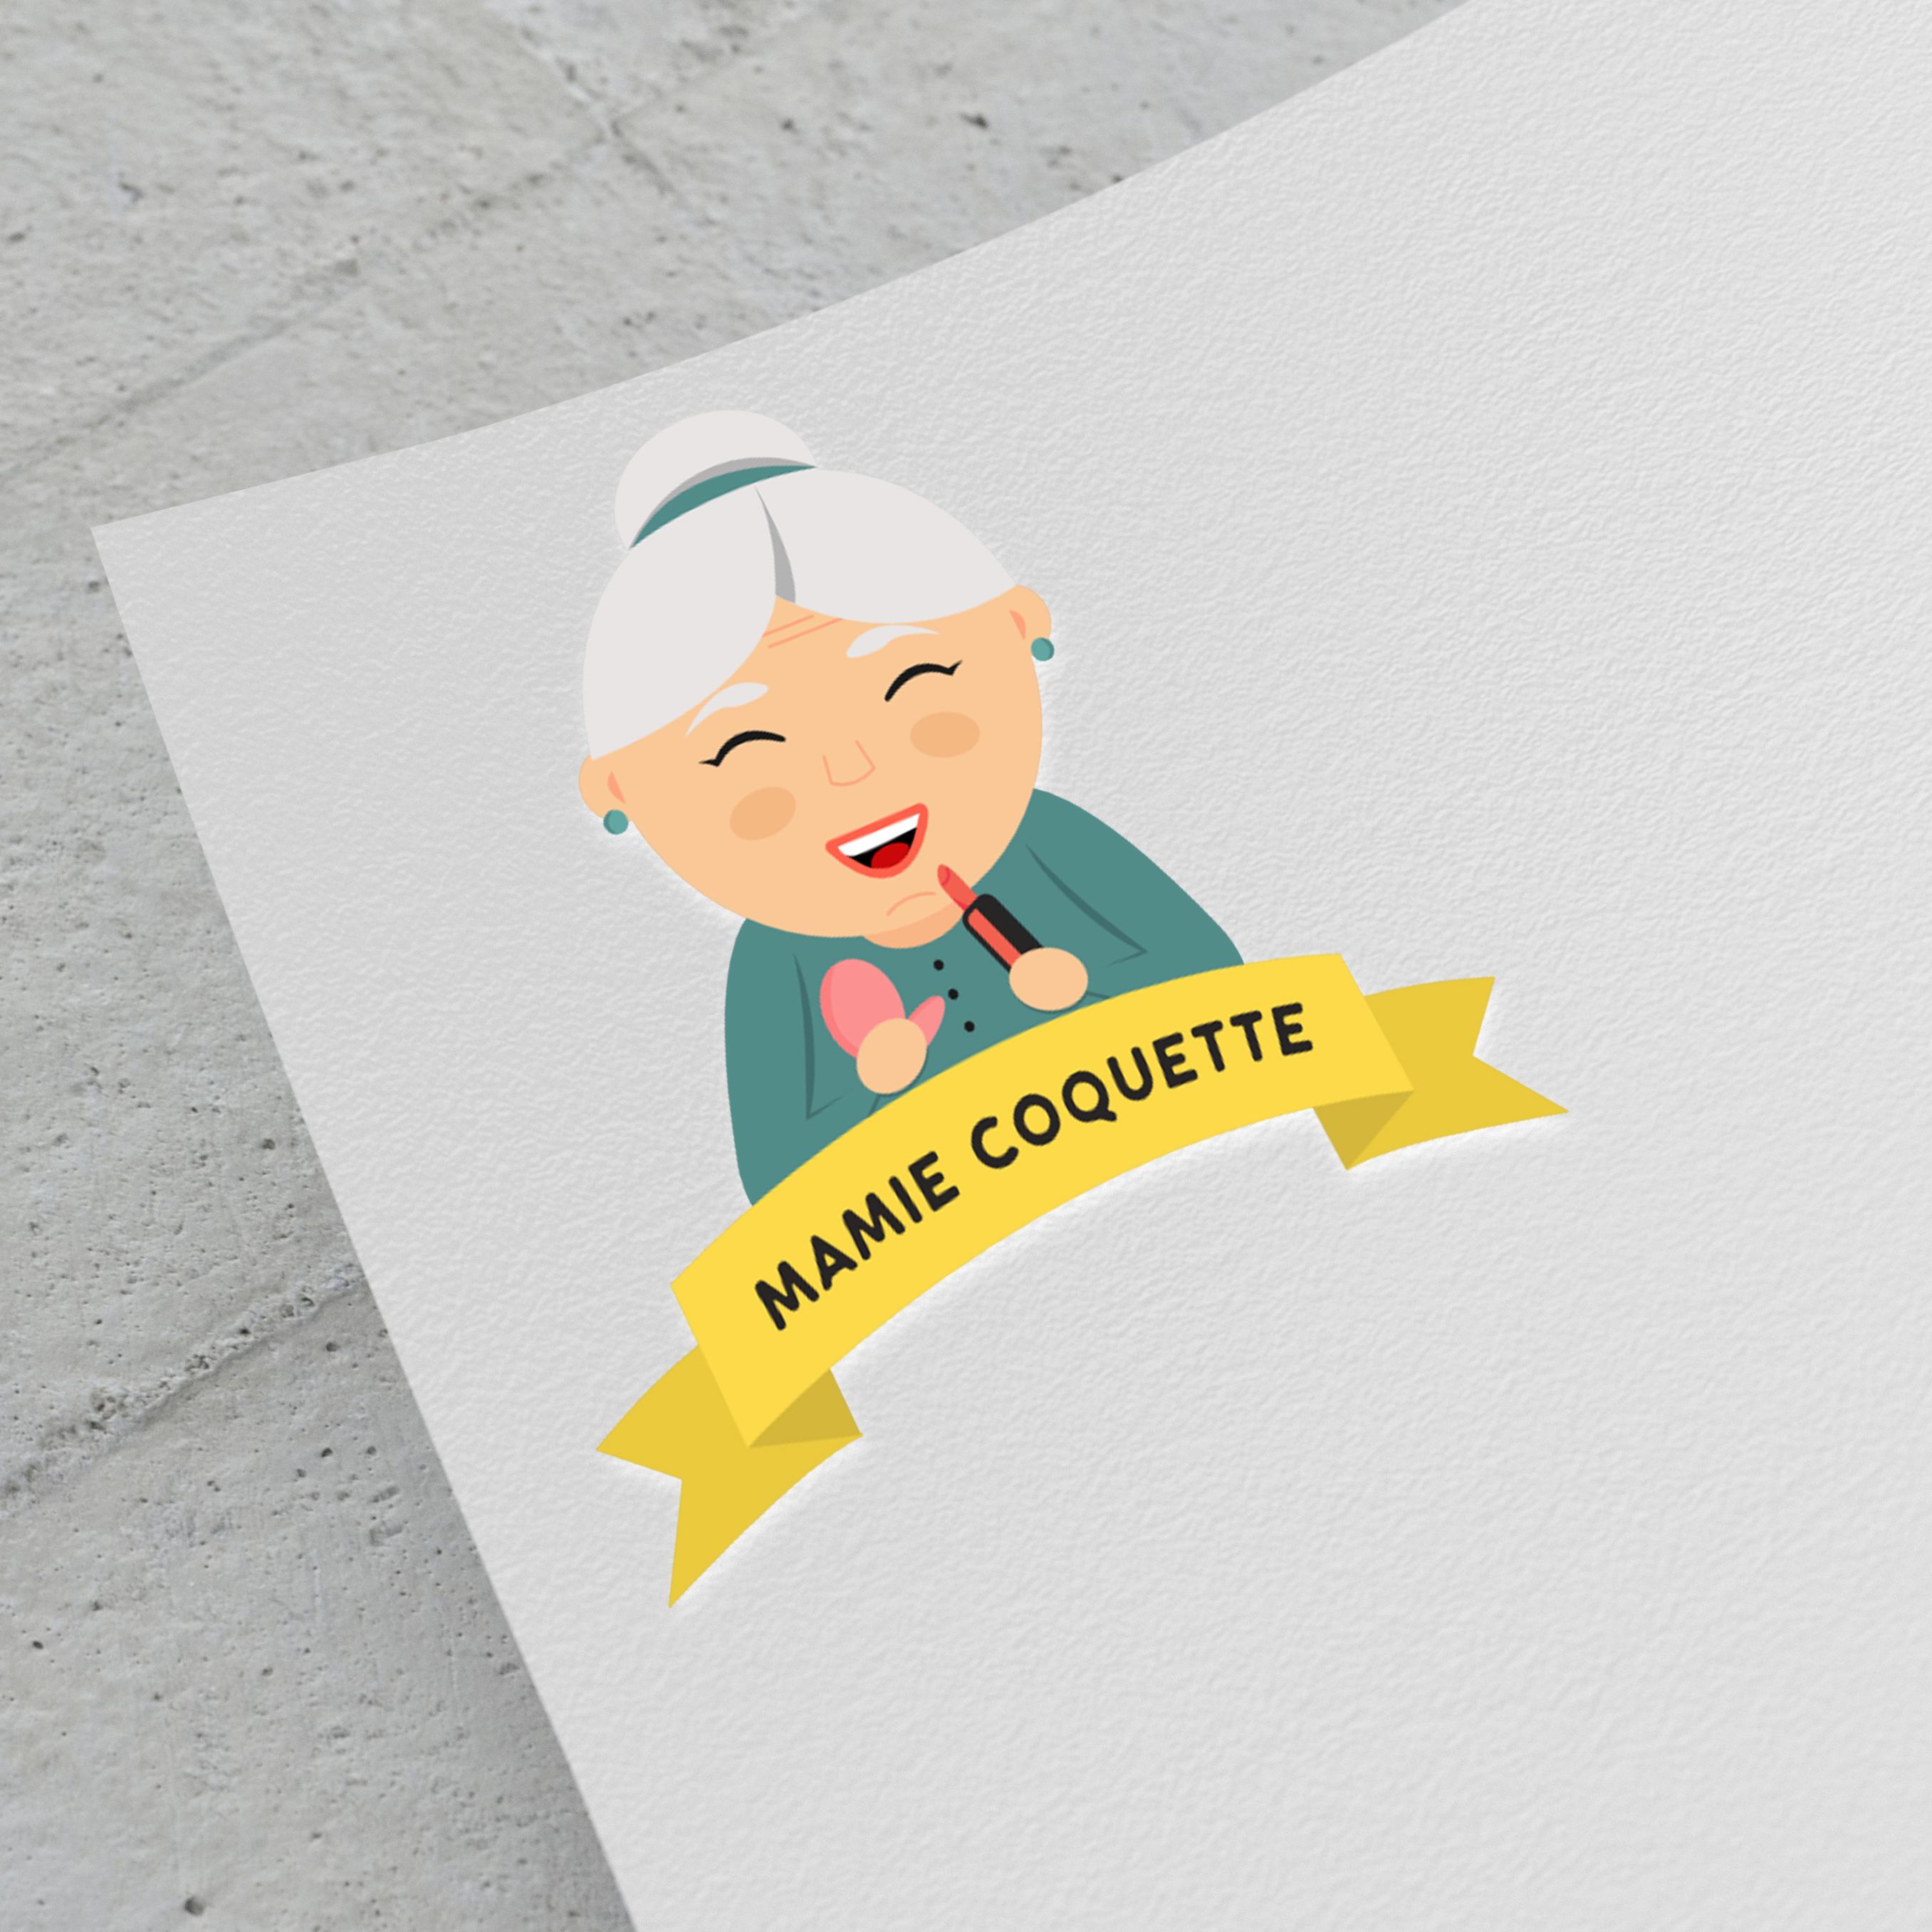 Mamie coquette logo